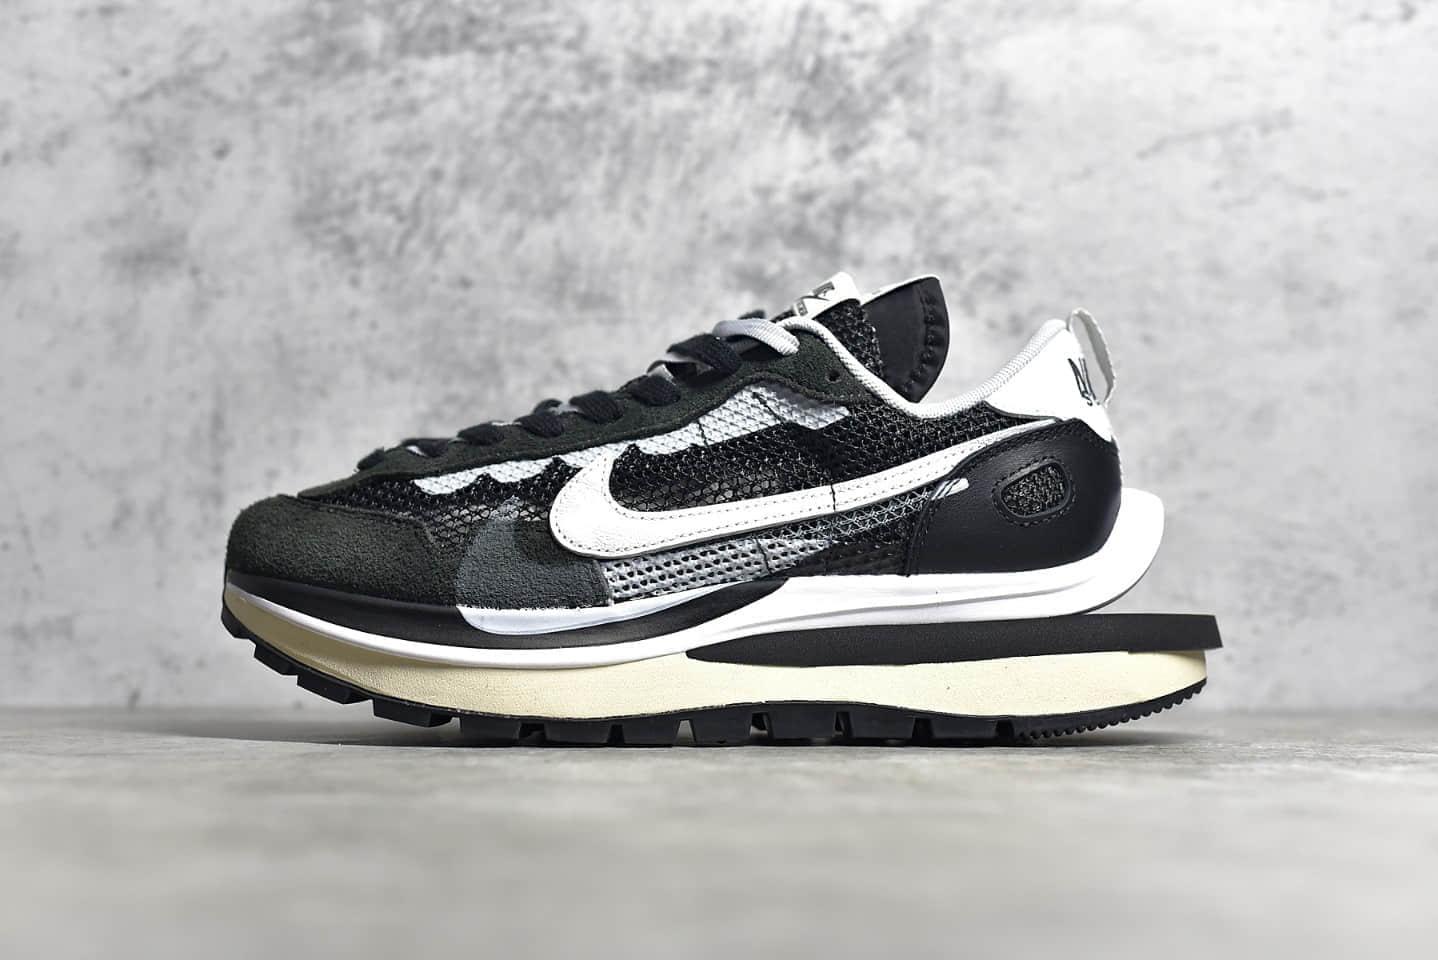 耐克Sacai联名黑色老爹鞋 Sacai X Nike regasus vaporrly SP 耐克双钩翻毛皮原厂品质 货号:CV1363-001-潮流者之家